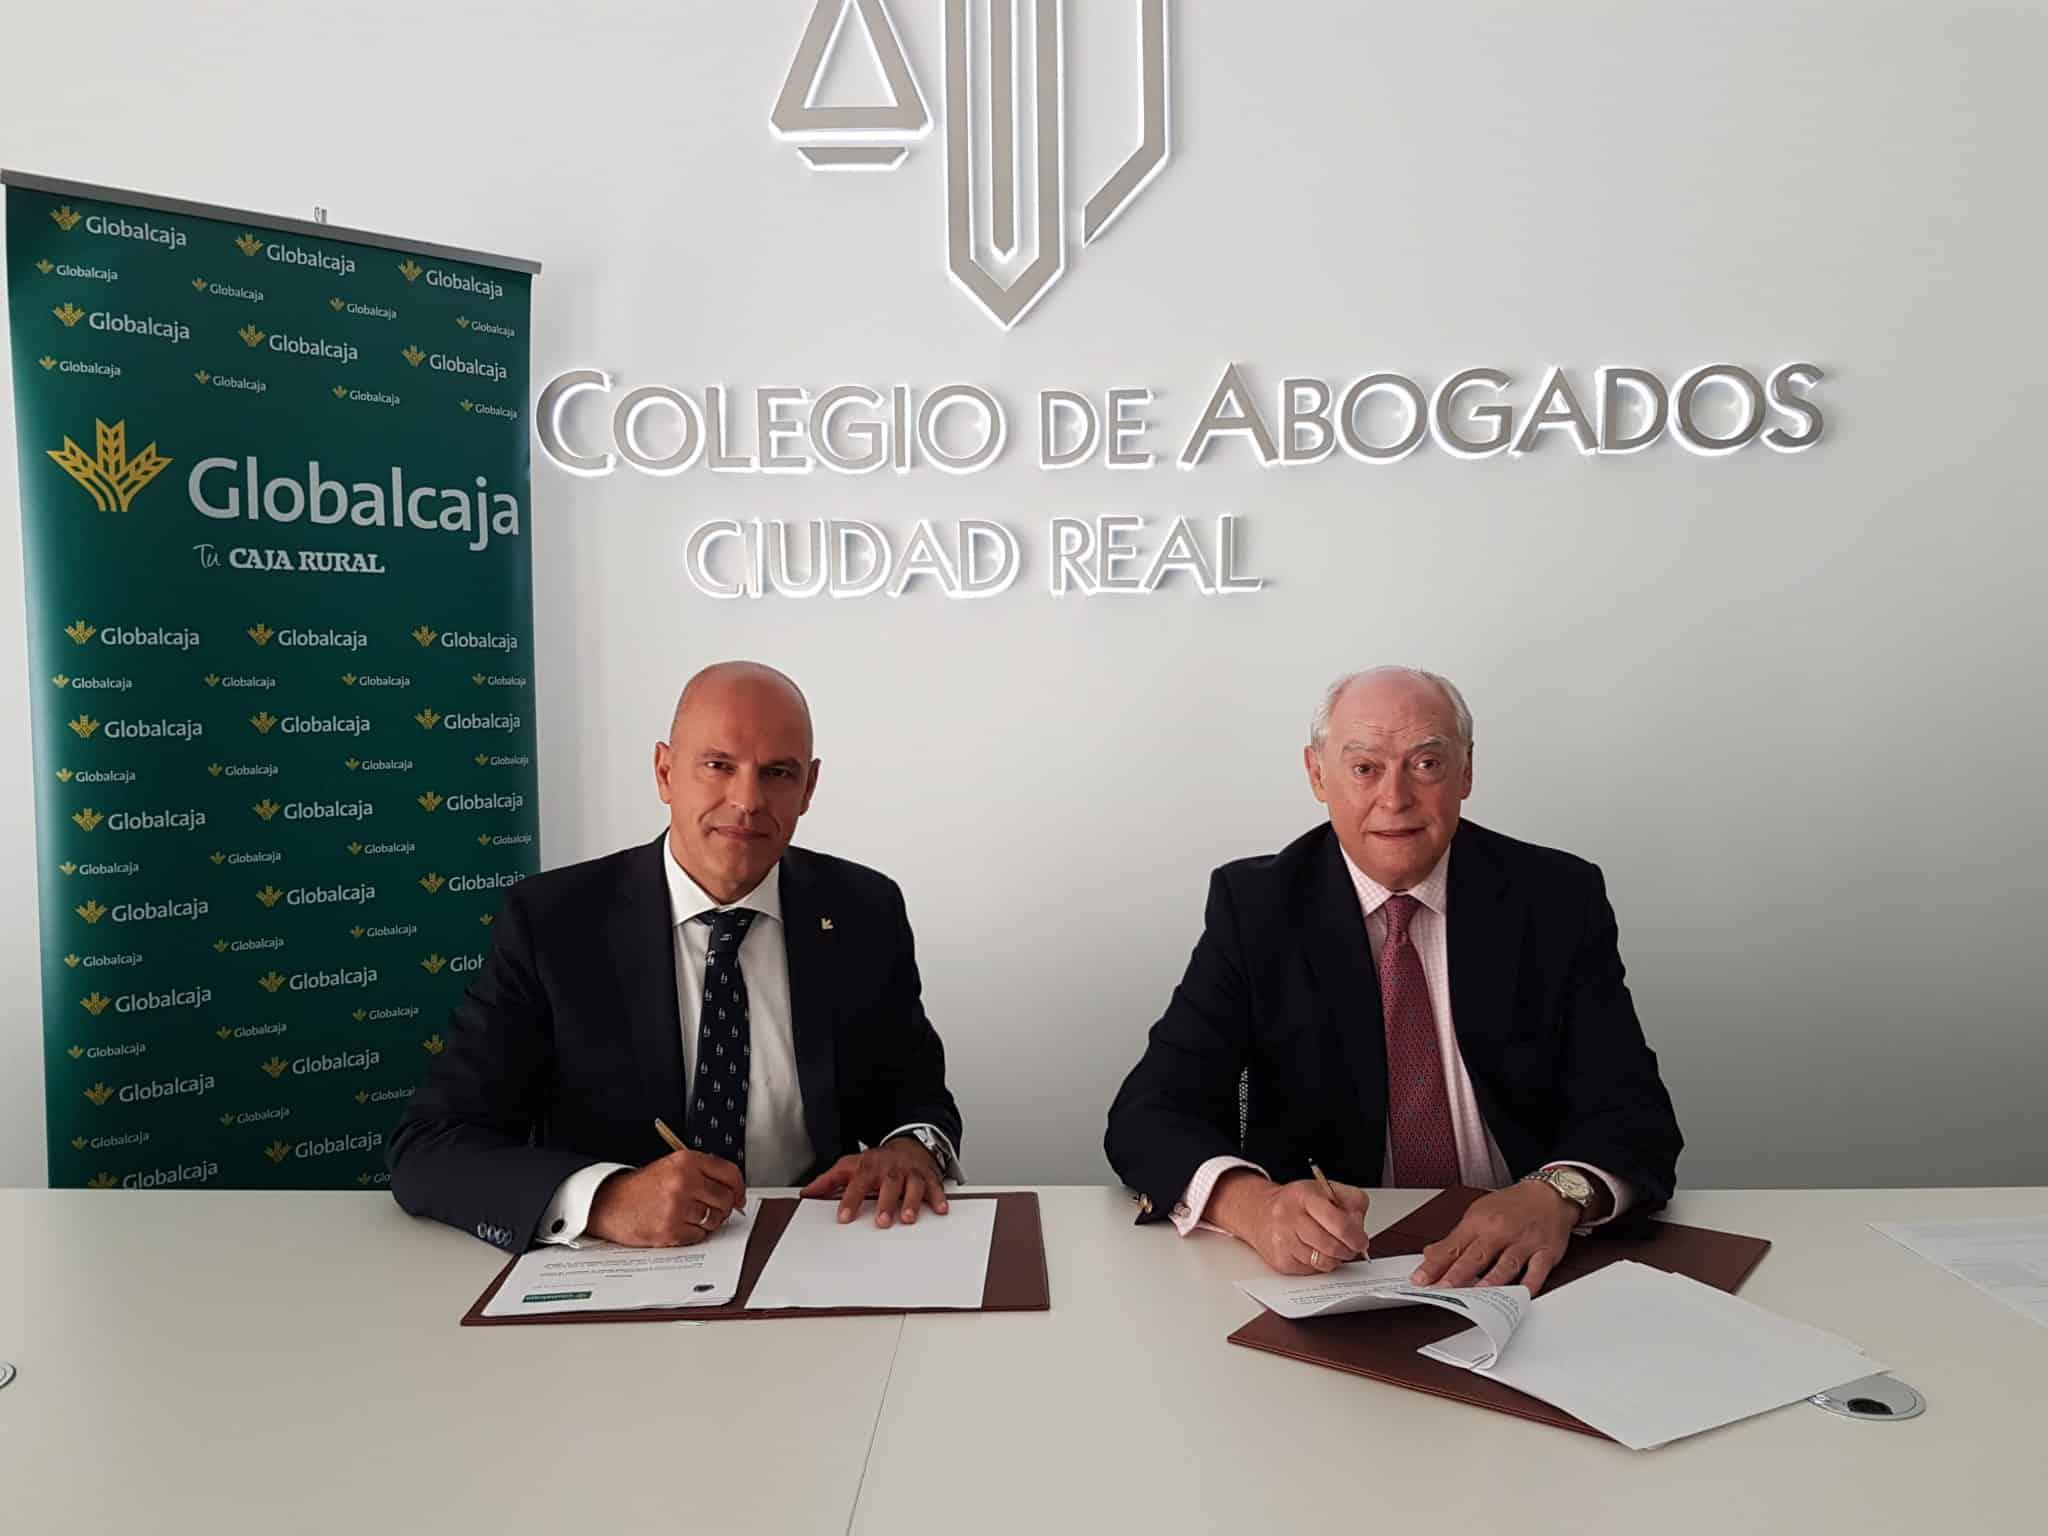 GLOBALCAJA RENUEVA EL CONVENIO CON EL COLEGIO DE ABOGADOS DE CIUDAD REAL